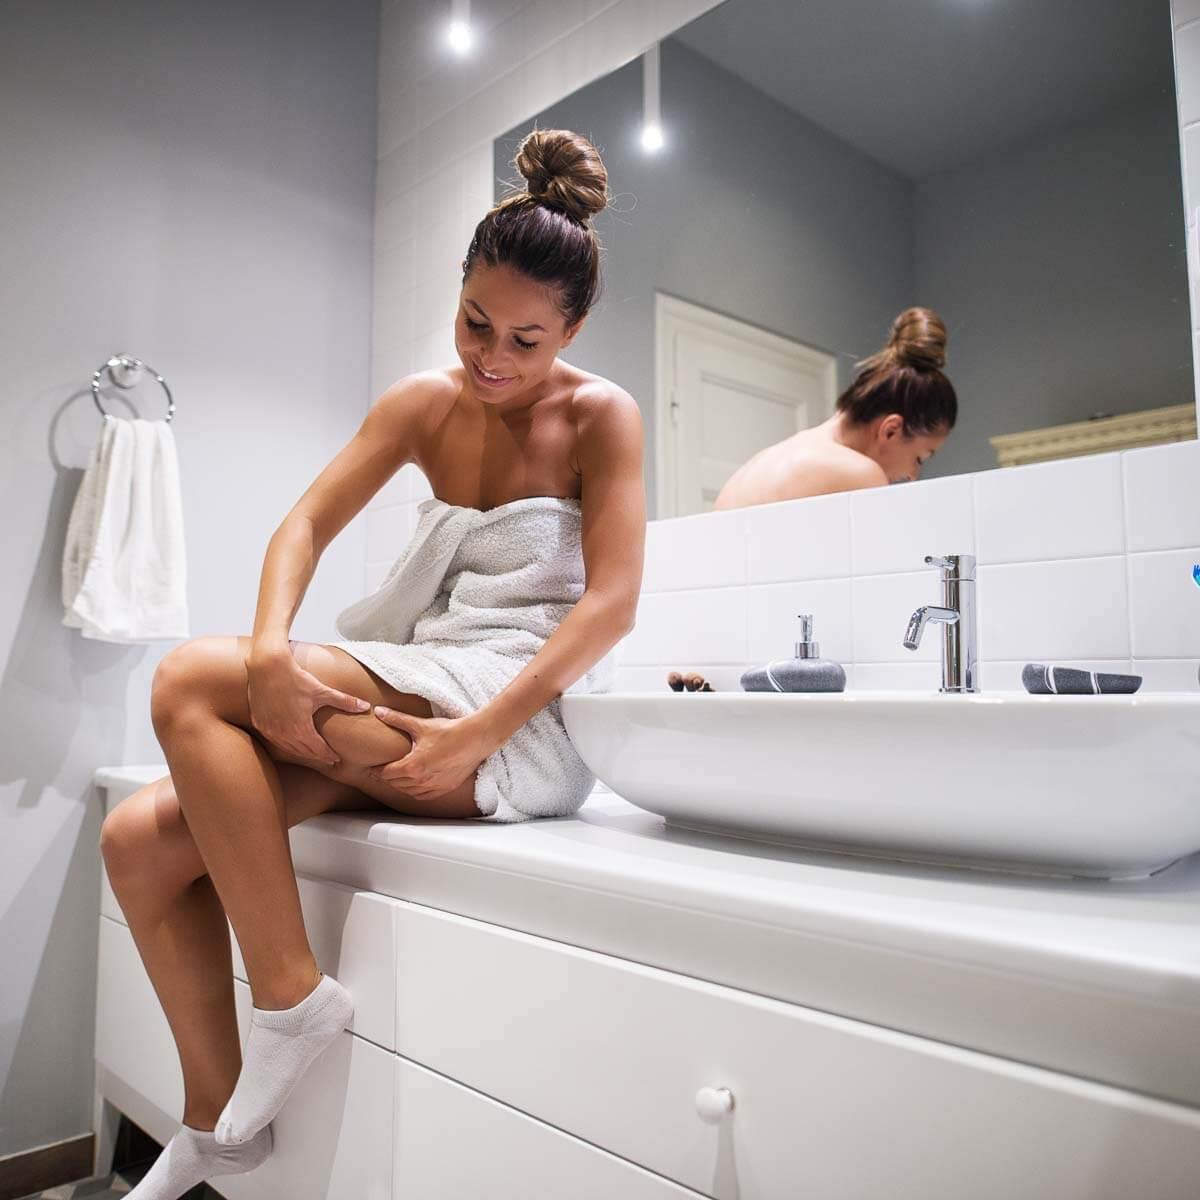 Frau schaut auf ihre Beine und möchte Cellulite loswerden